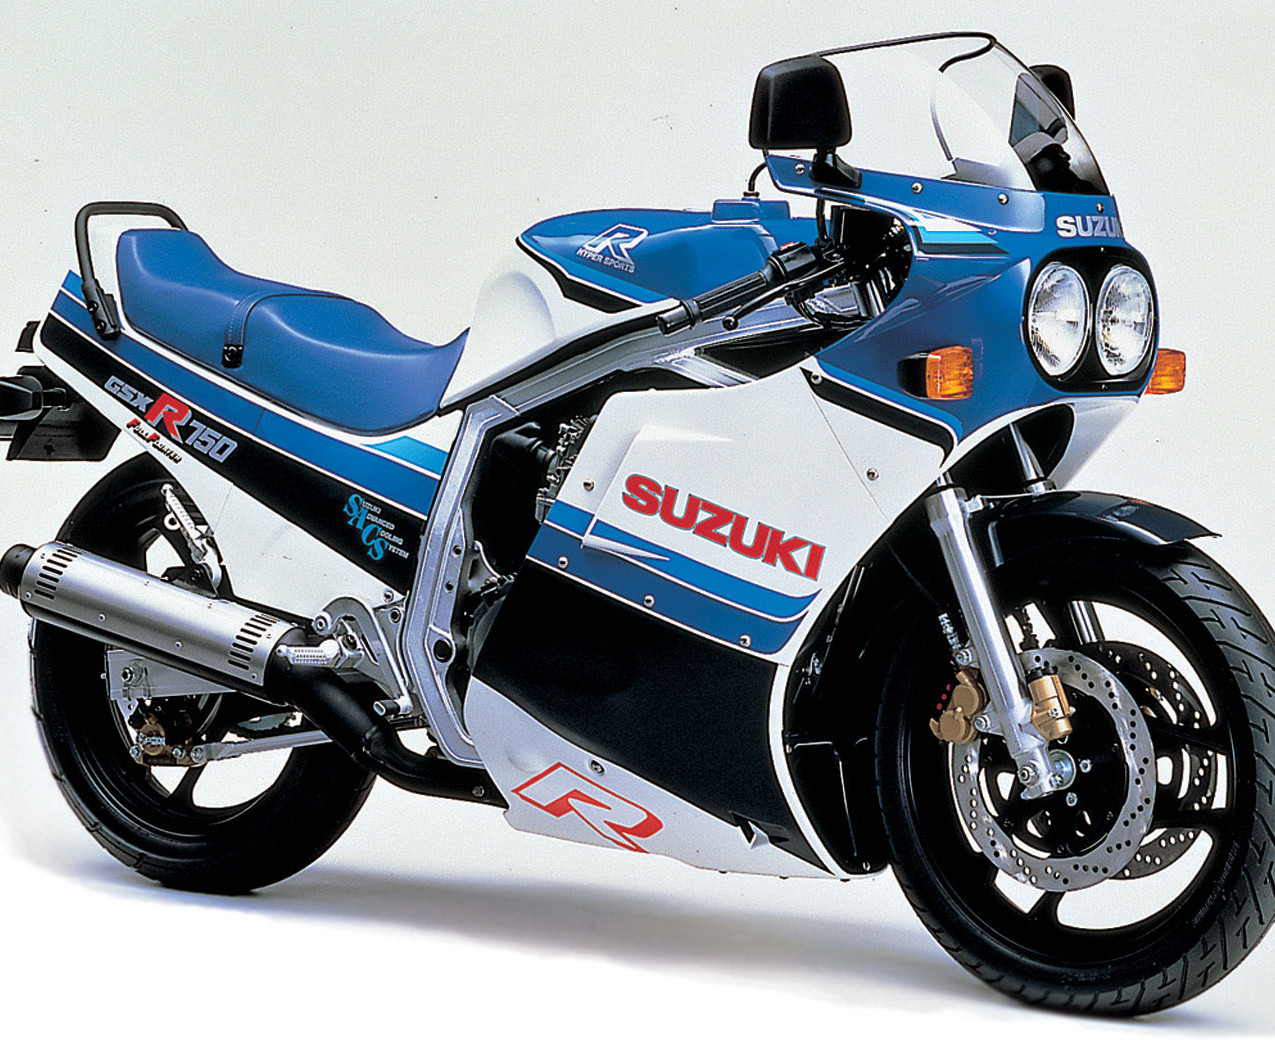 SUZUKI GSXR 750, 1985